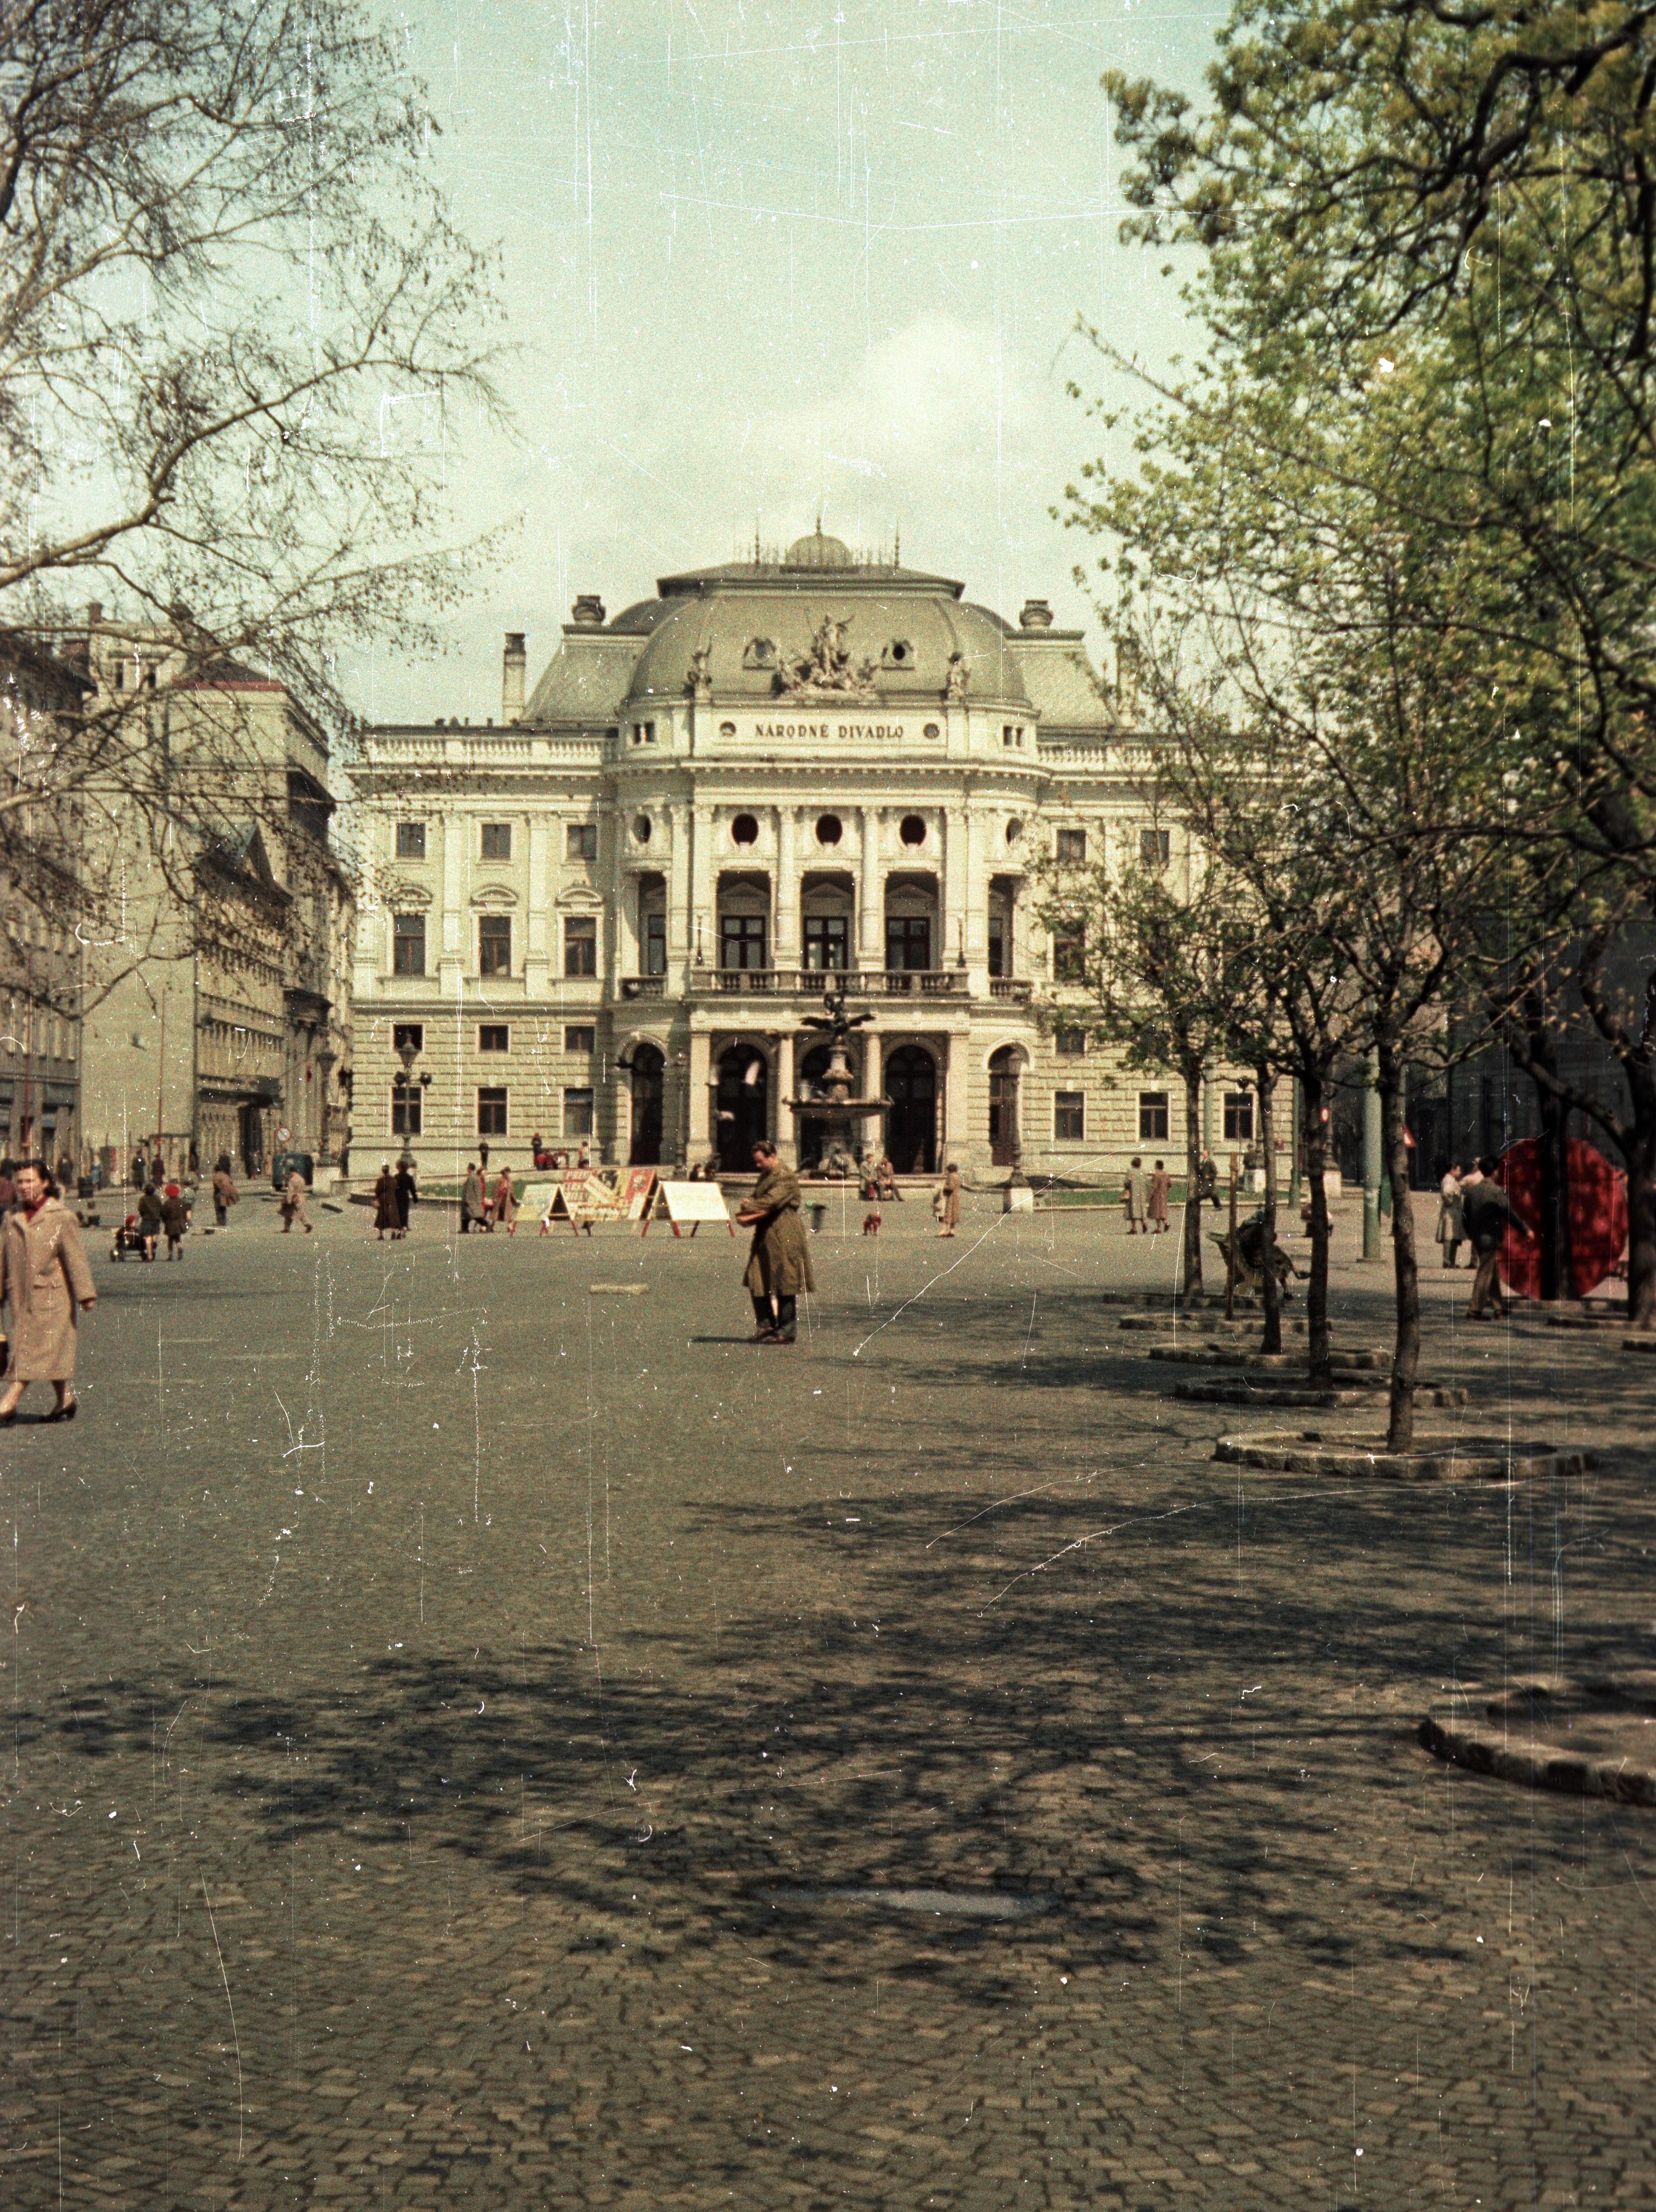 Братислава.  Площадь Гвездослава. Национальный театр